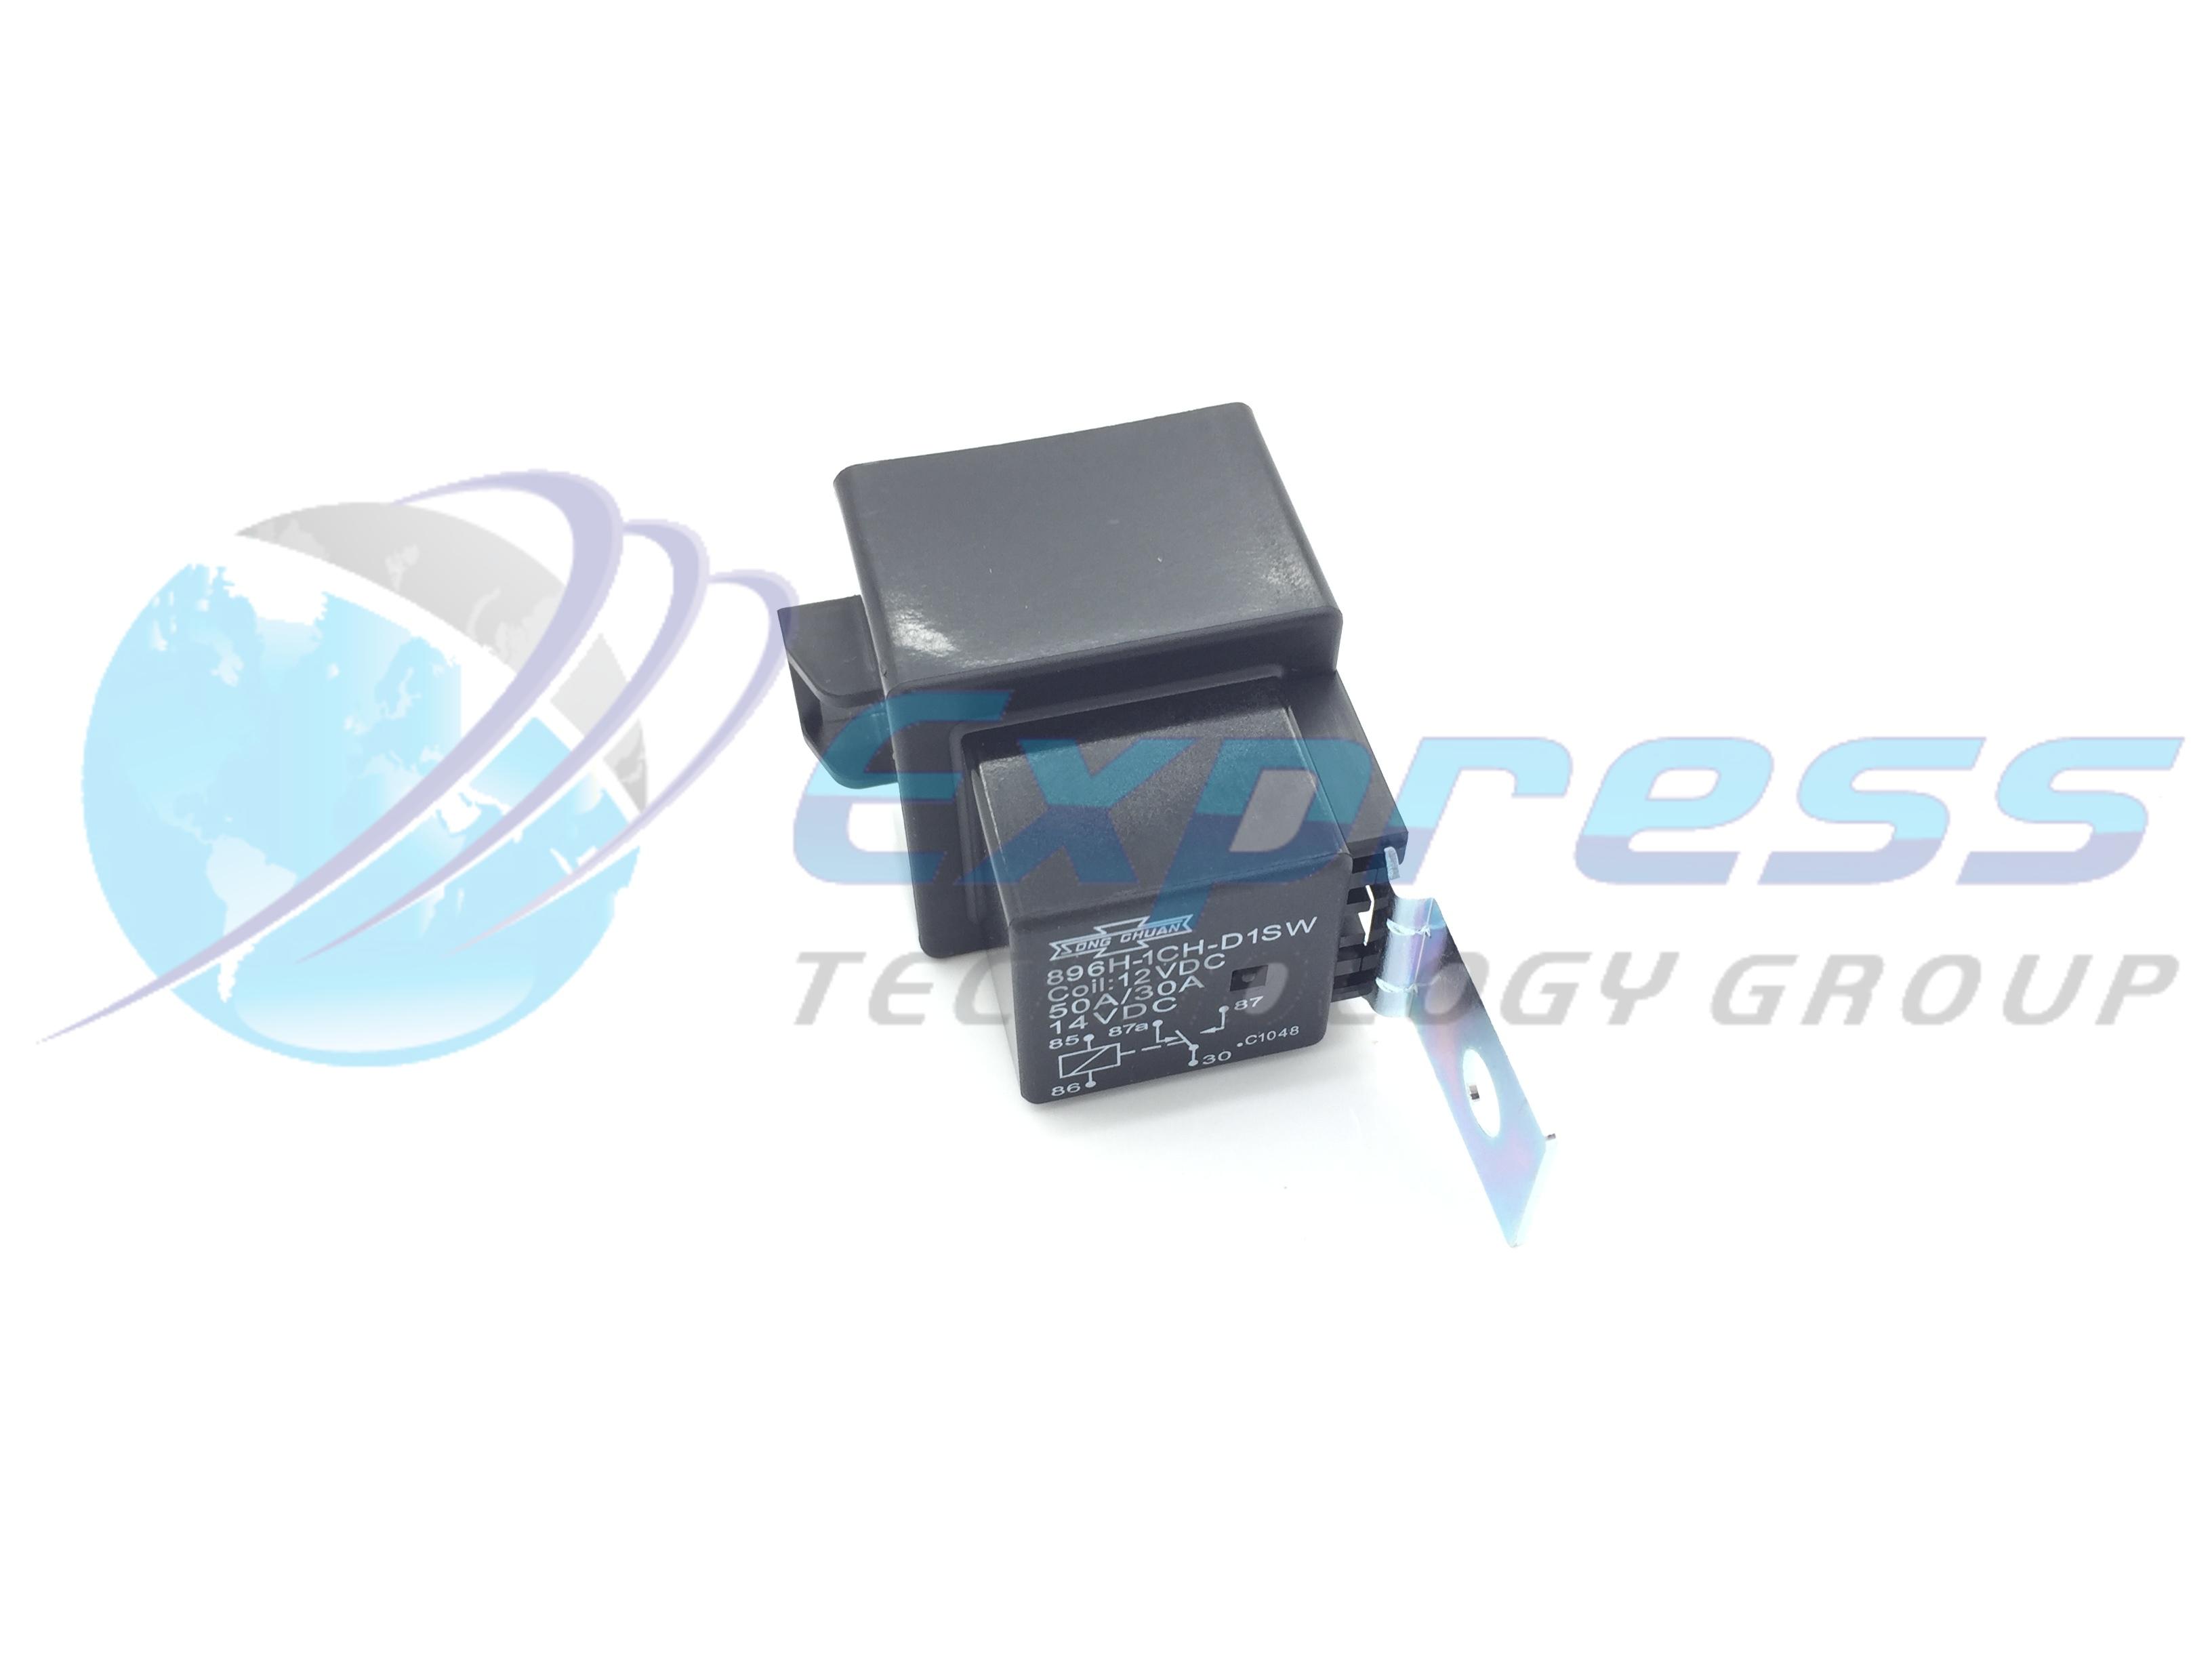 896H-1CH-D1SW-12VDC